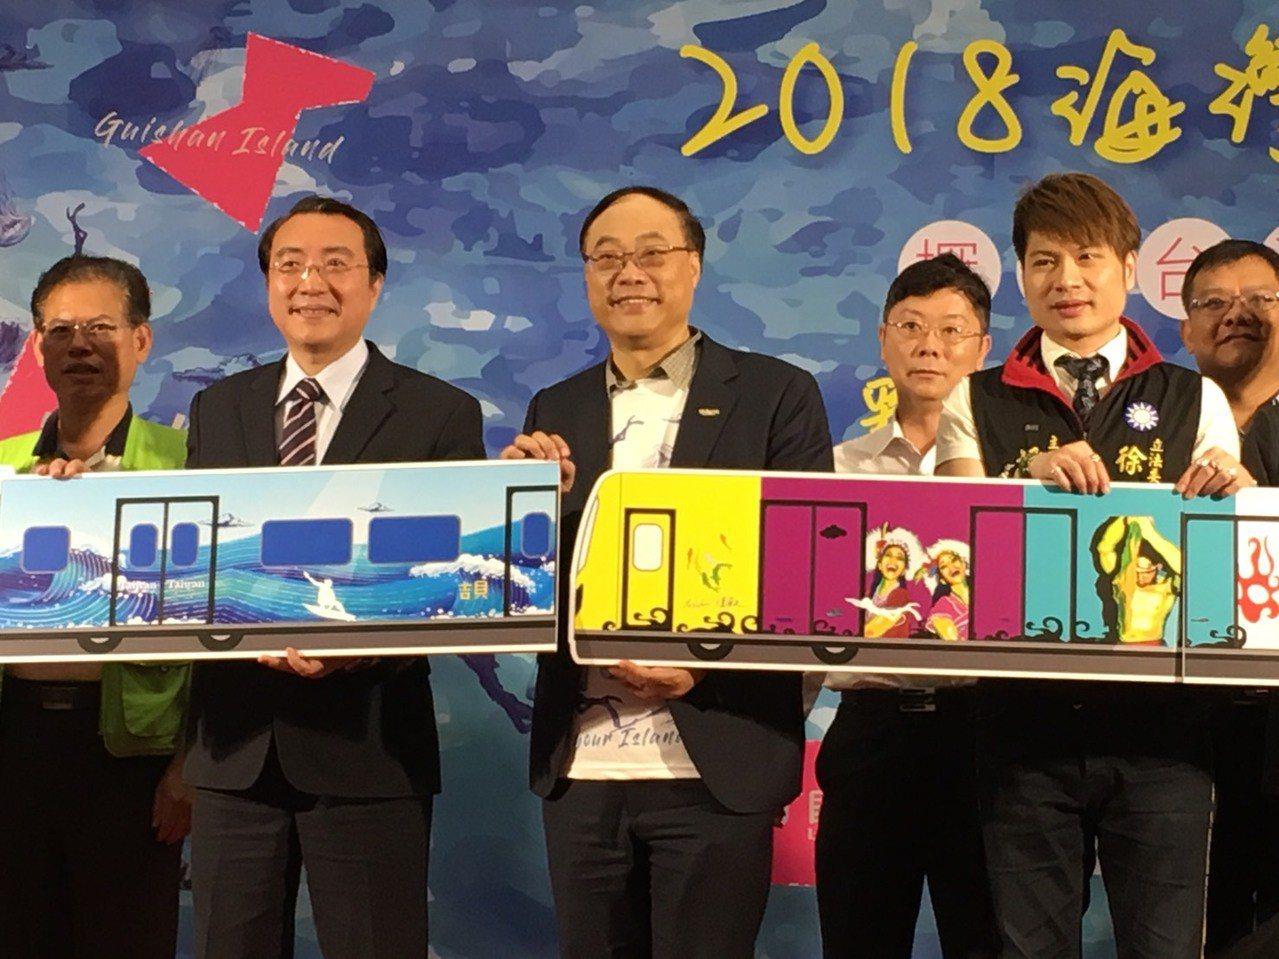 台鐵局長鹿潔身請辭獲准,周永暉(左三)是黑馬。 記者楊文琪/攝影